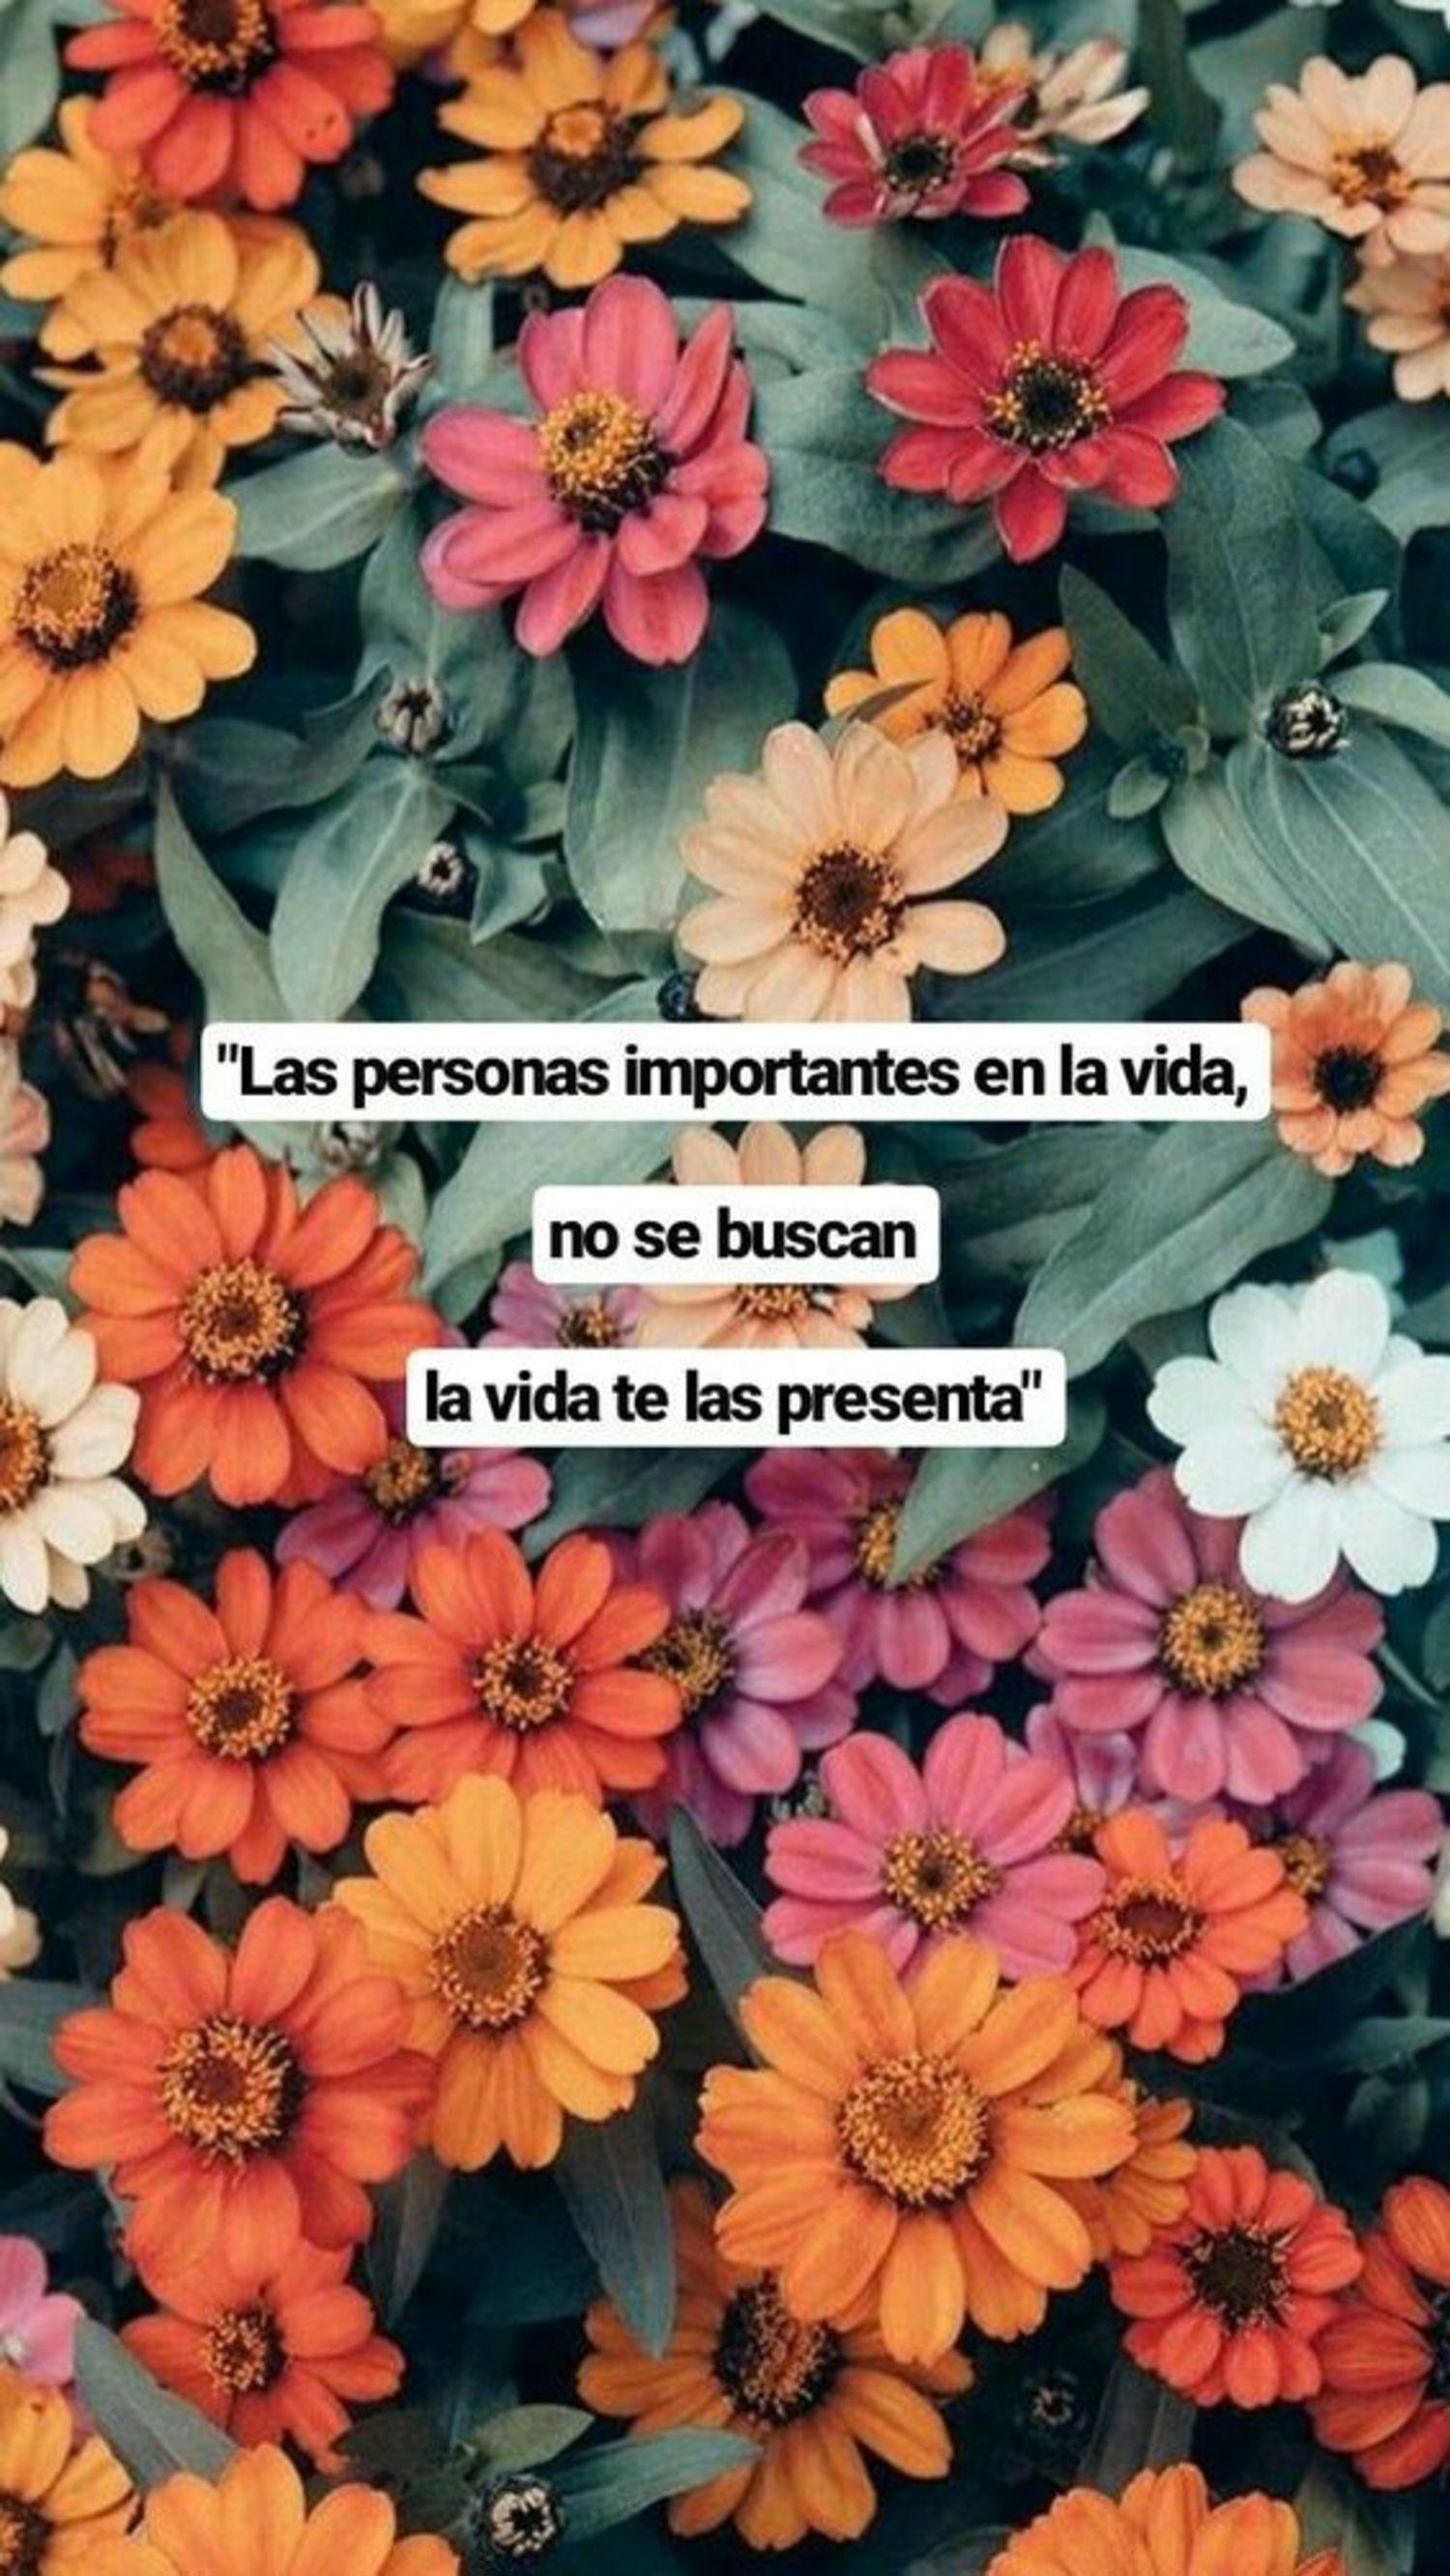 Las personas importantes en la vida, no se buscan la vida te las presenta